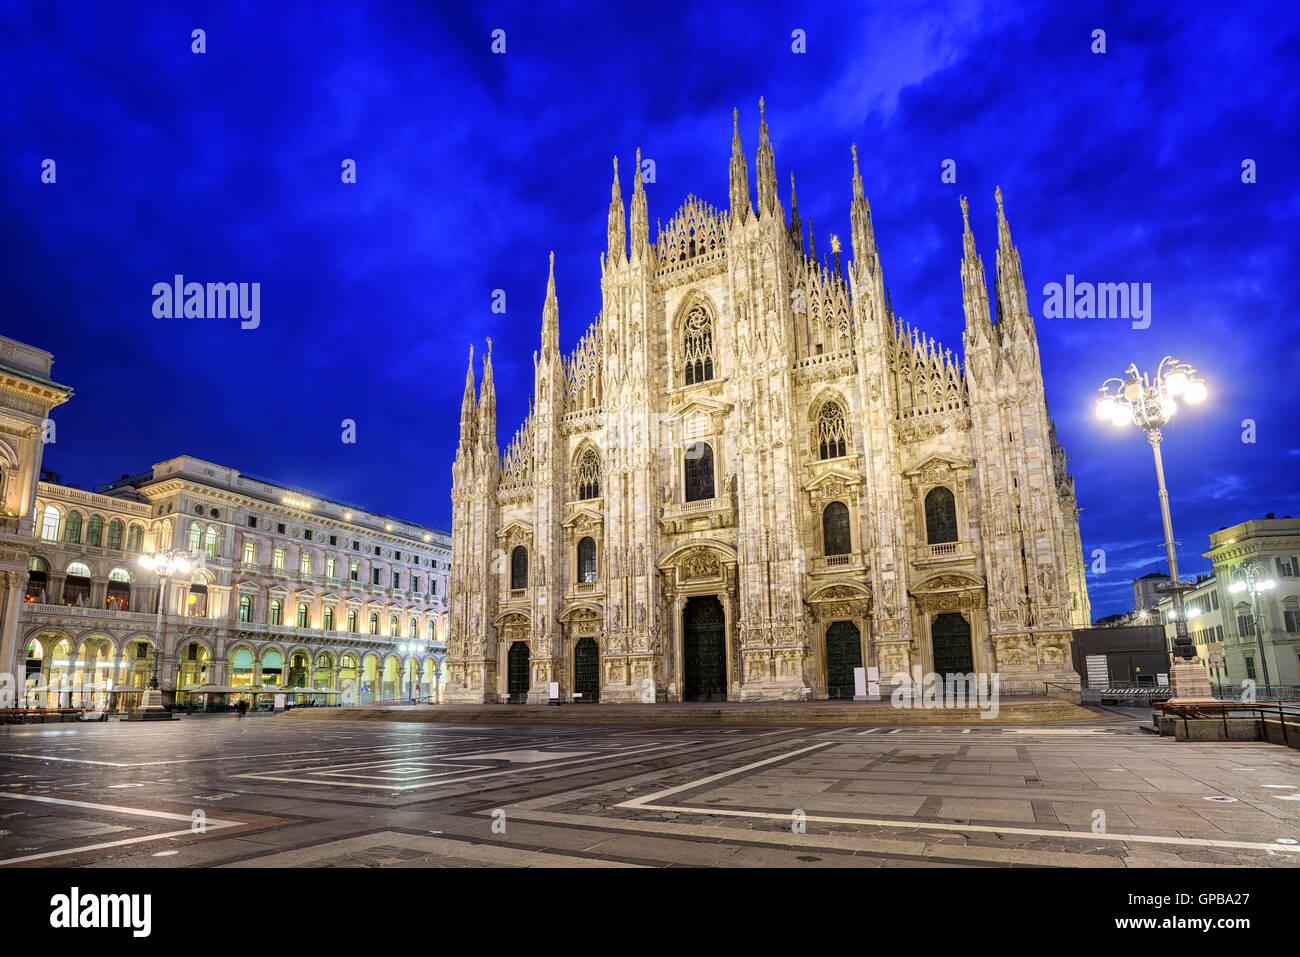 La cathédrale de Milan, le Duomo di Milano, l'une des plus grandes églises au monde Photo Stock